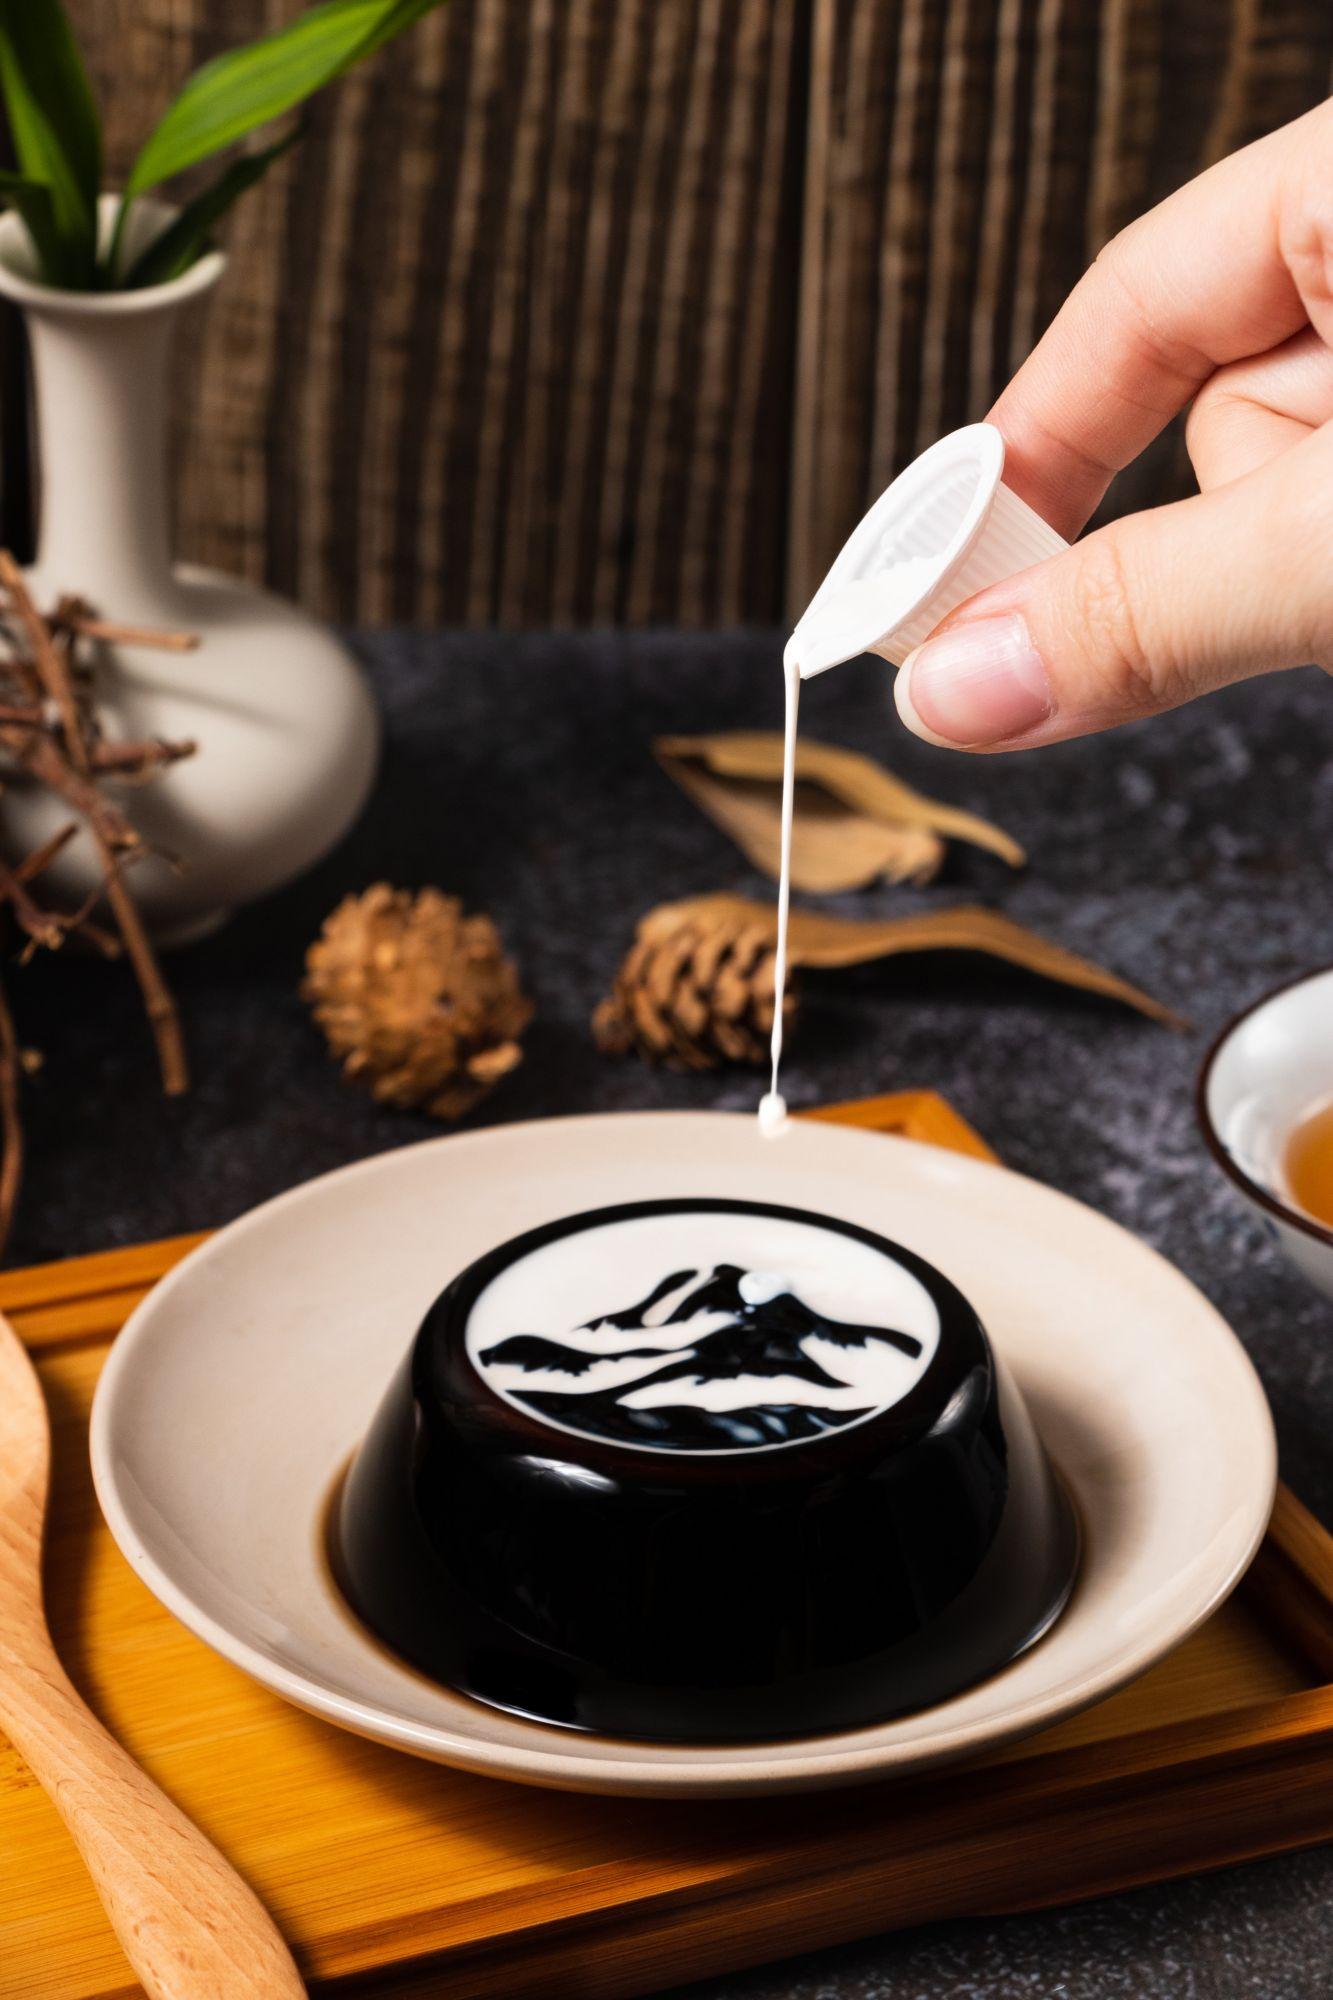 可以吃的故宮名畫?國立故宮博物院聯手臺灣在地品牌聯名推出「墨戲仙草」,讓你一口吃下故宮的雲山煙雨